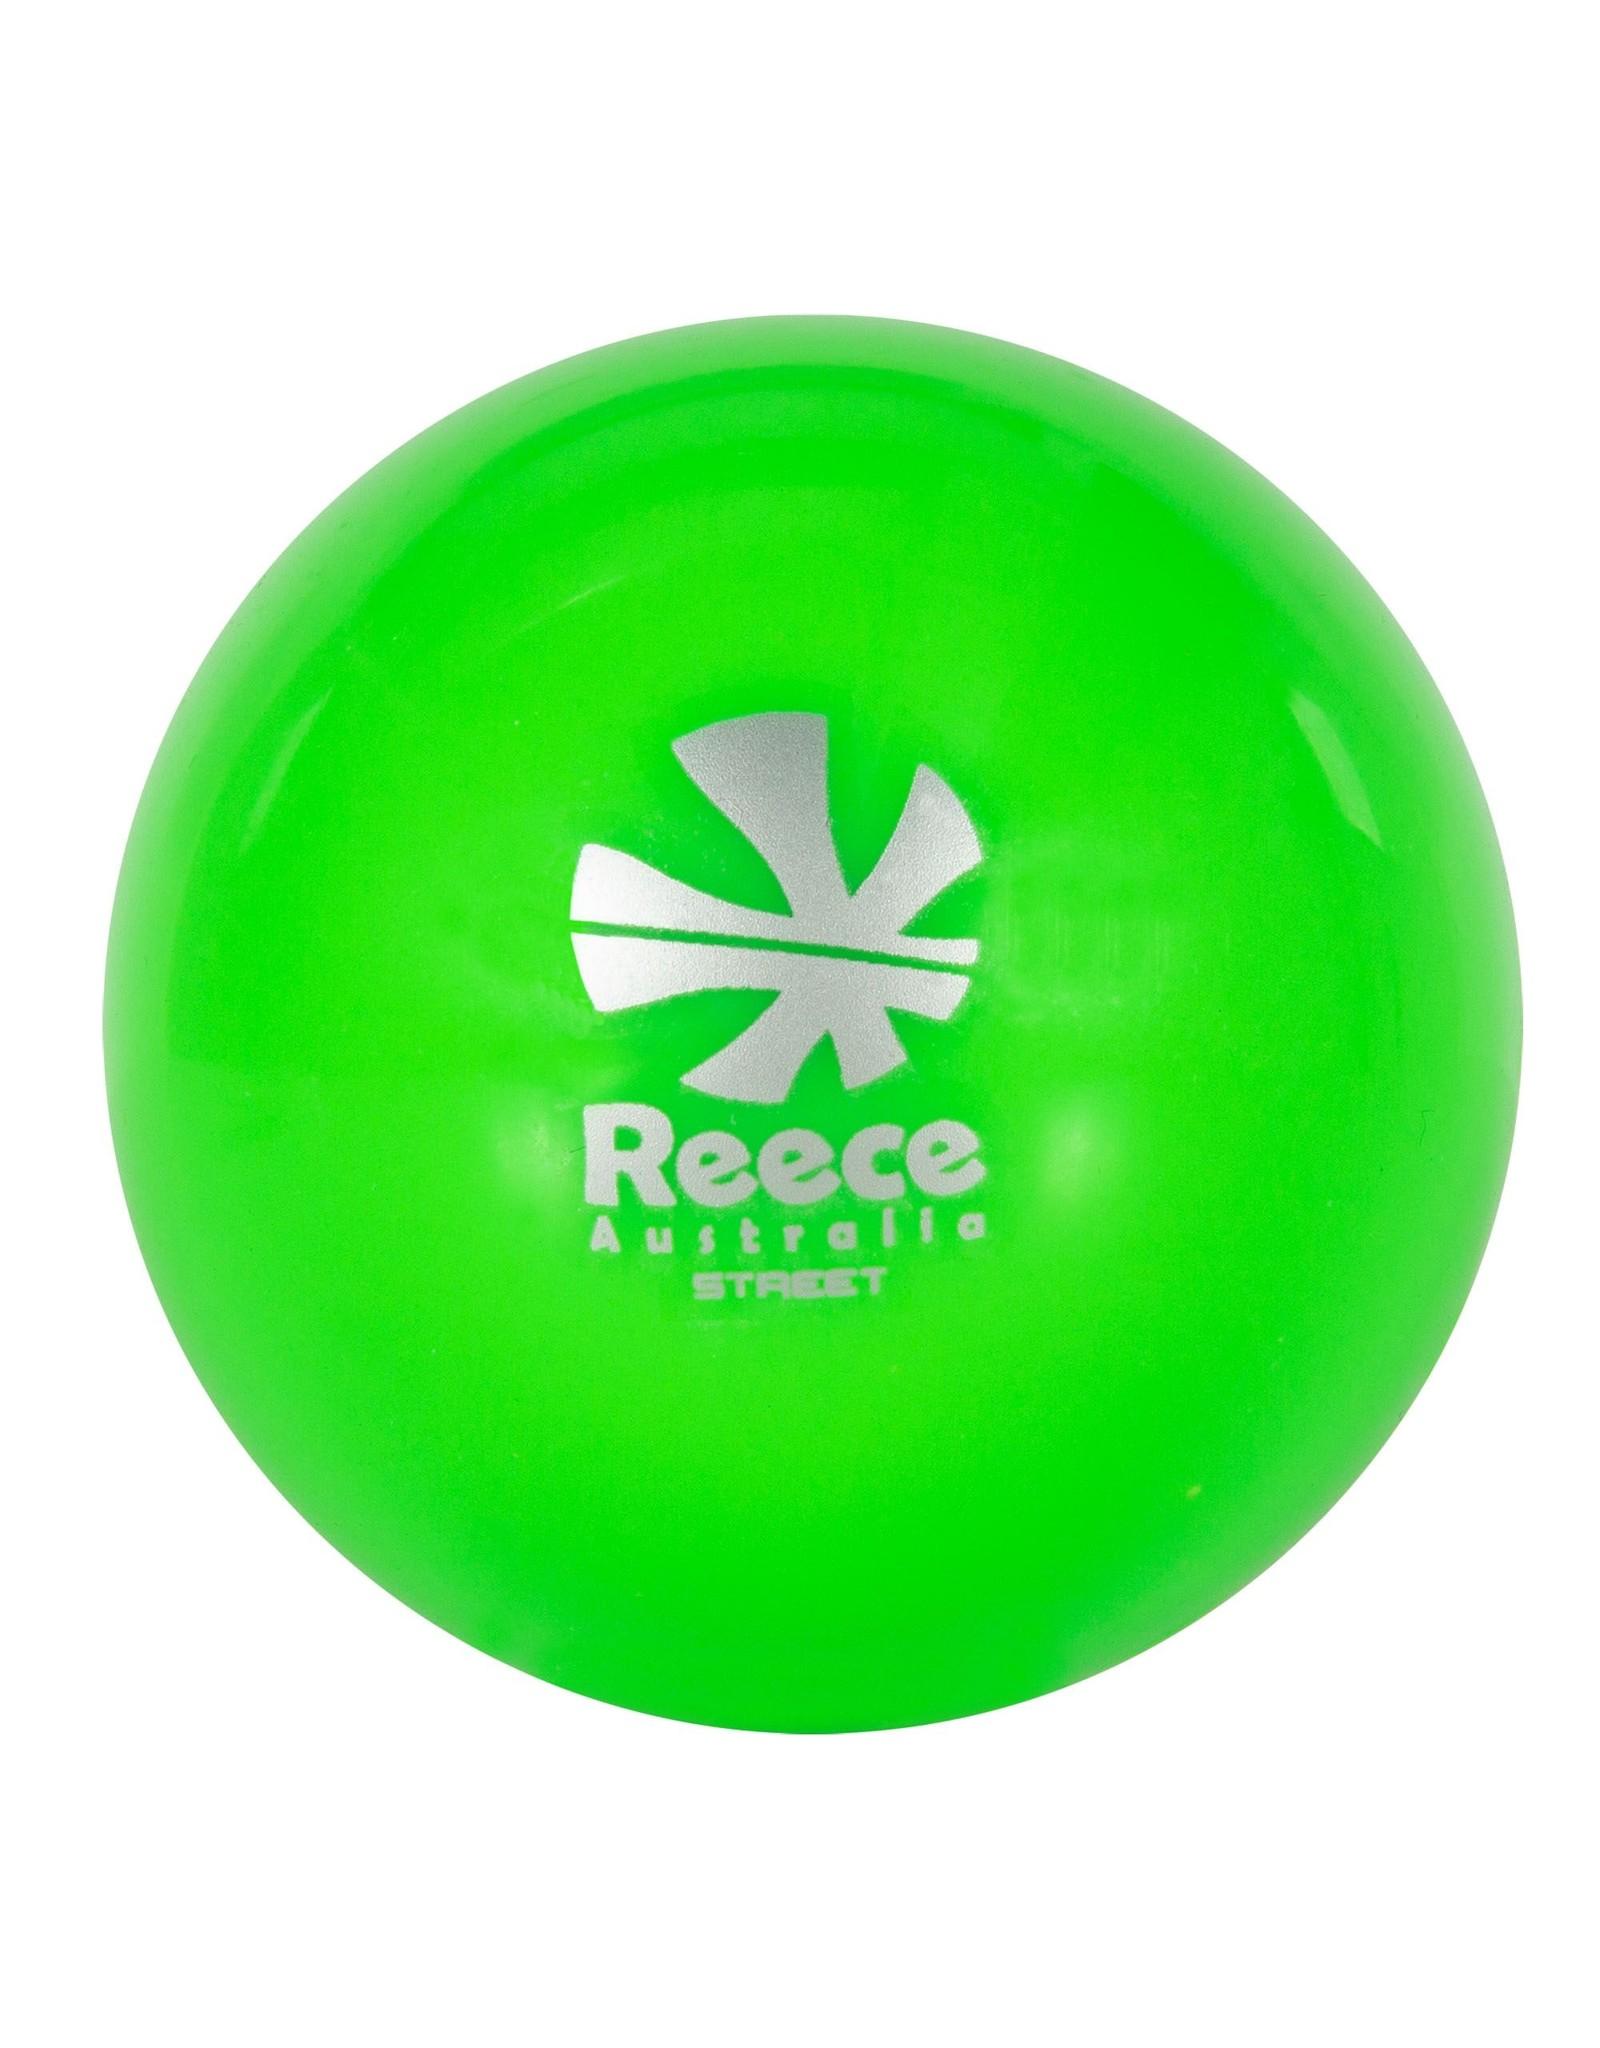 Reece Australia Street Ball-Groen